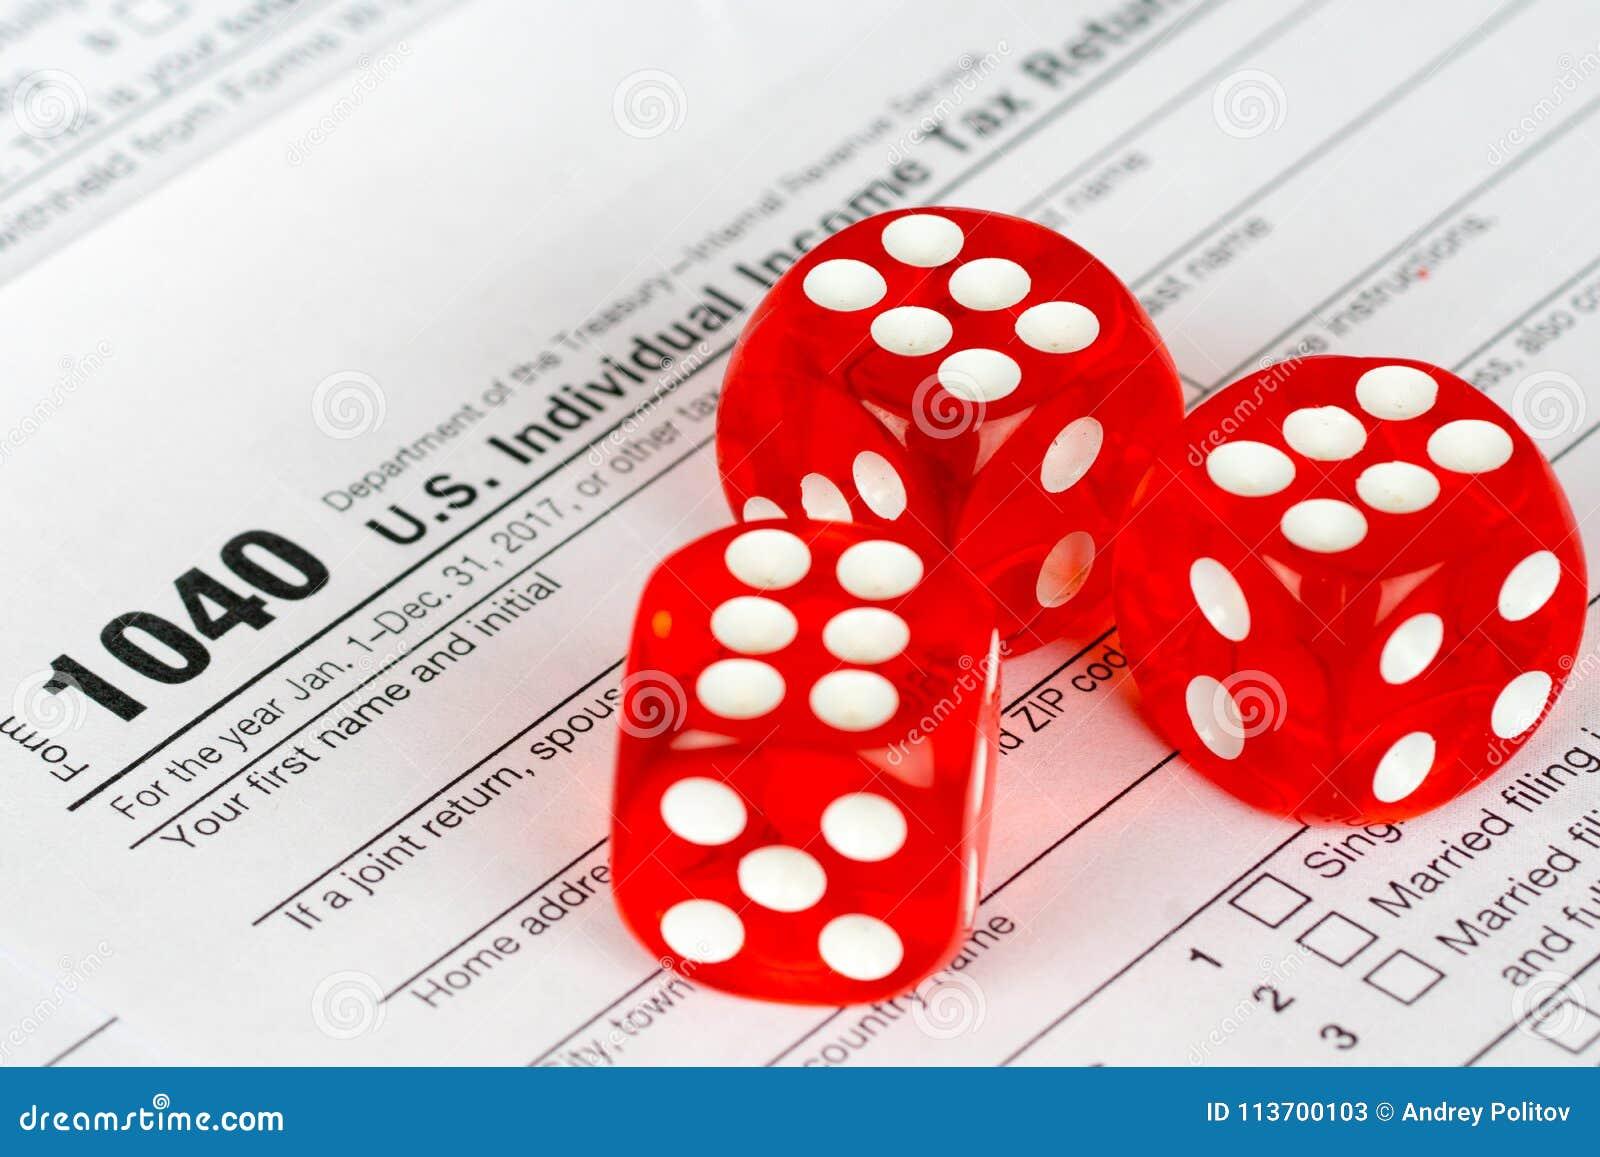 La forma 1040 di dichiarazione dei redditi con rosso tre taglia